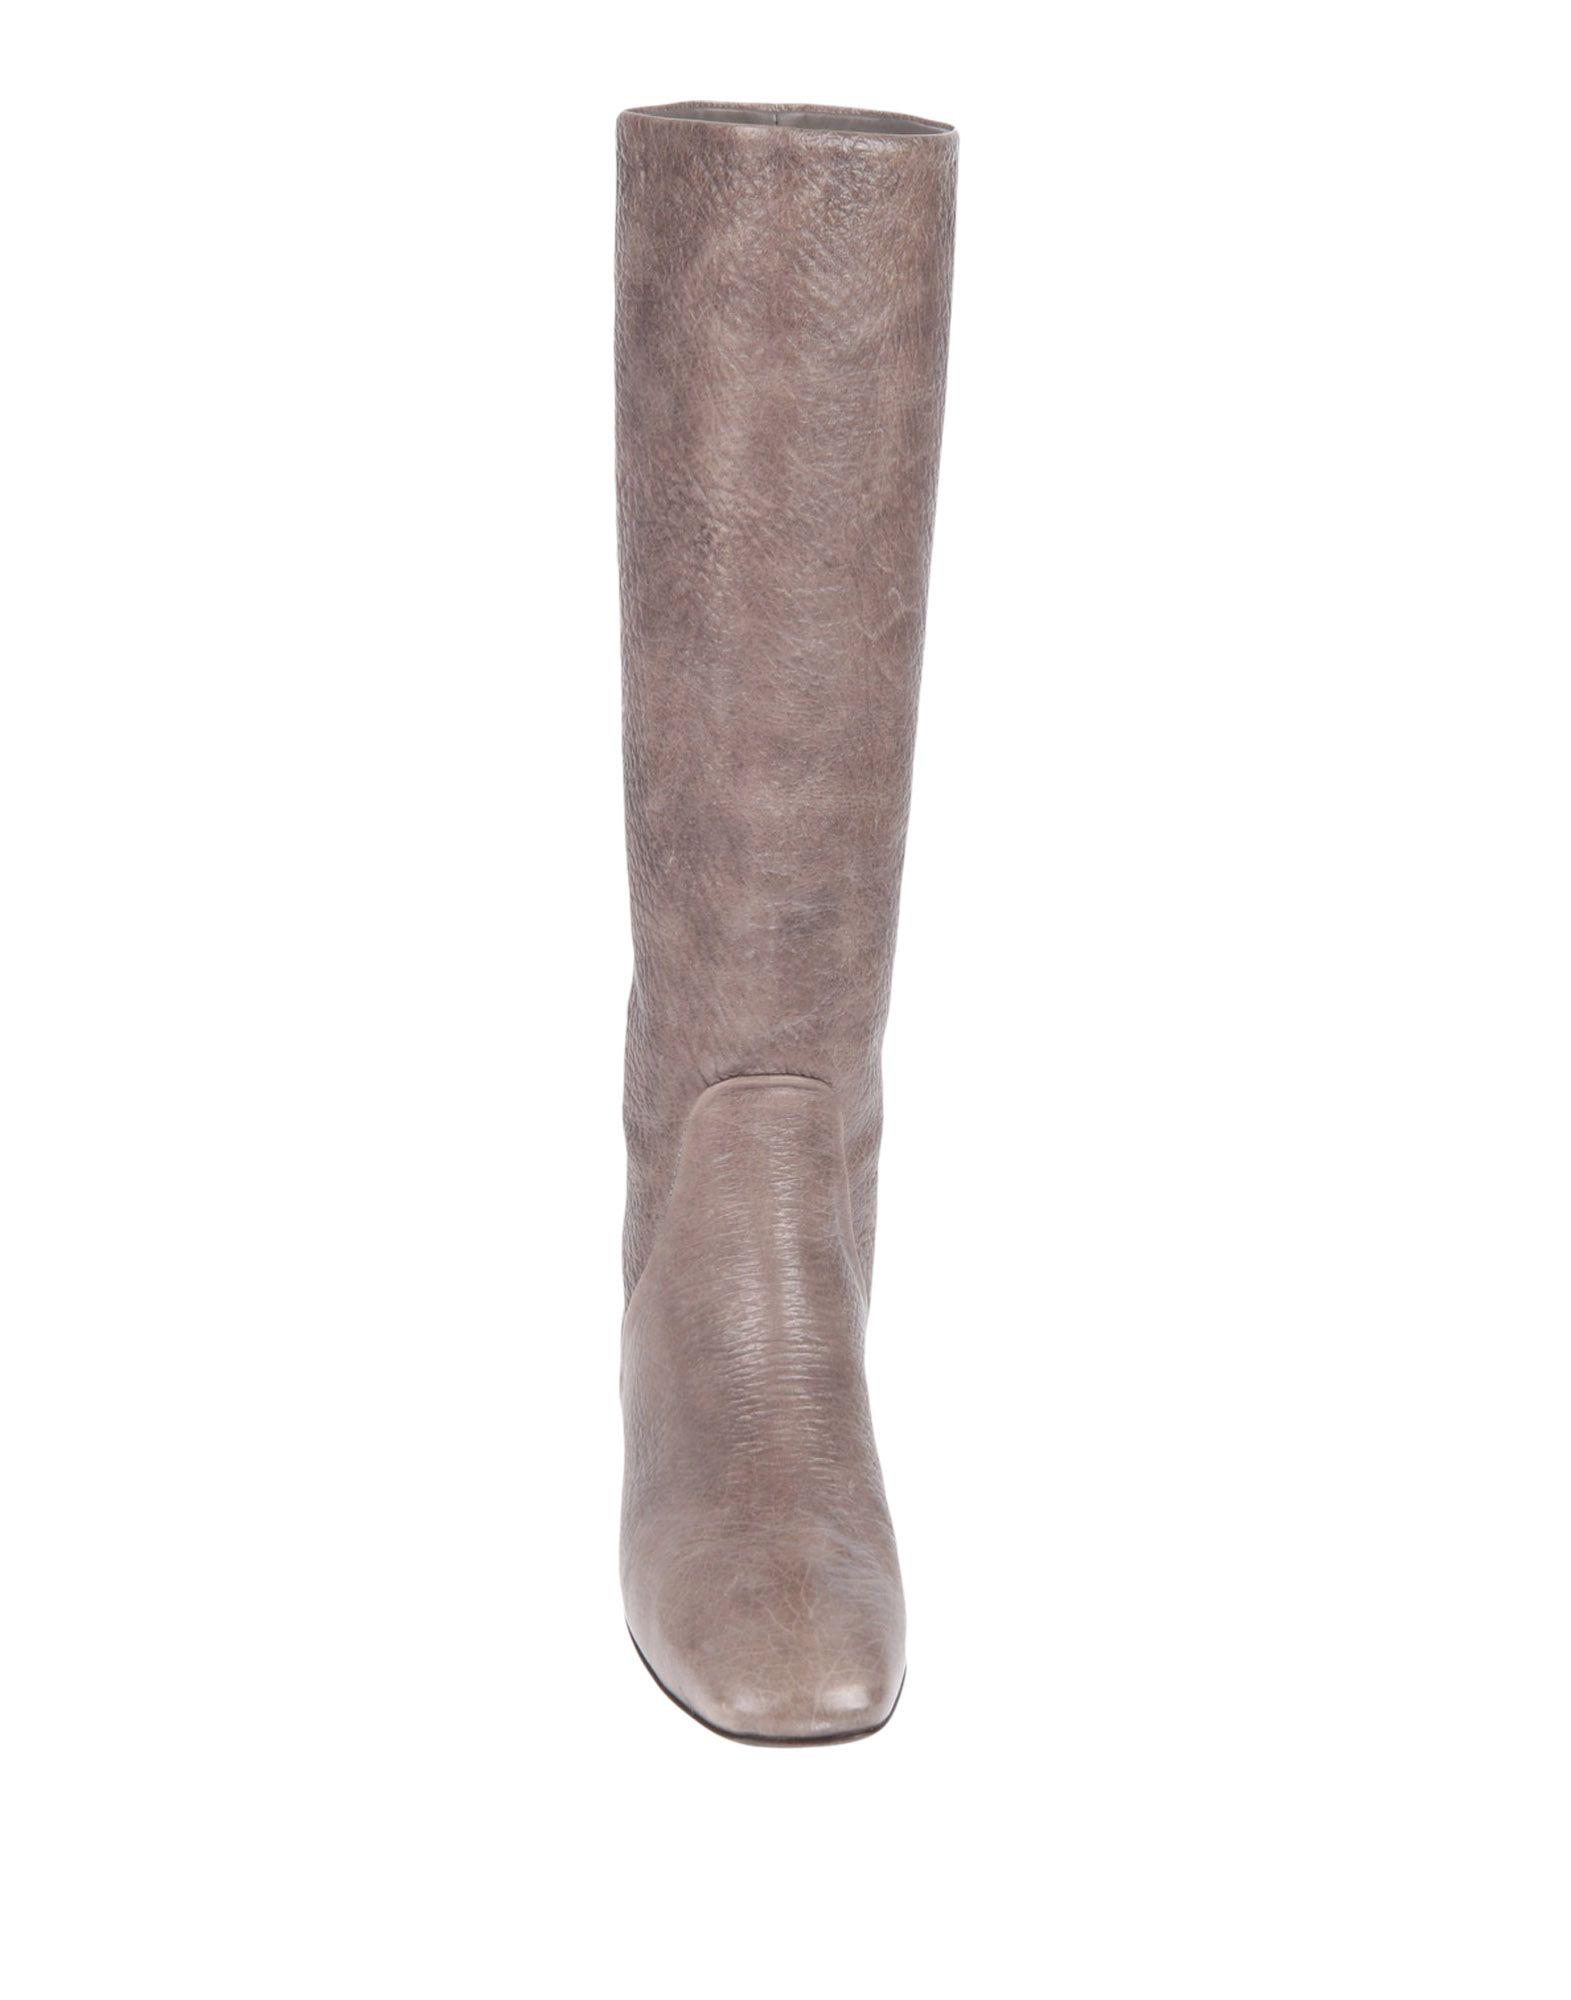 Gentryportofino Stiefel aussehende Damen  11515826HHGünstige gut aussehende Stiefel Schuhe 0c7629